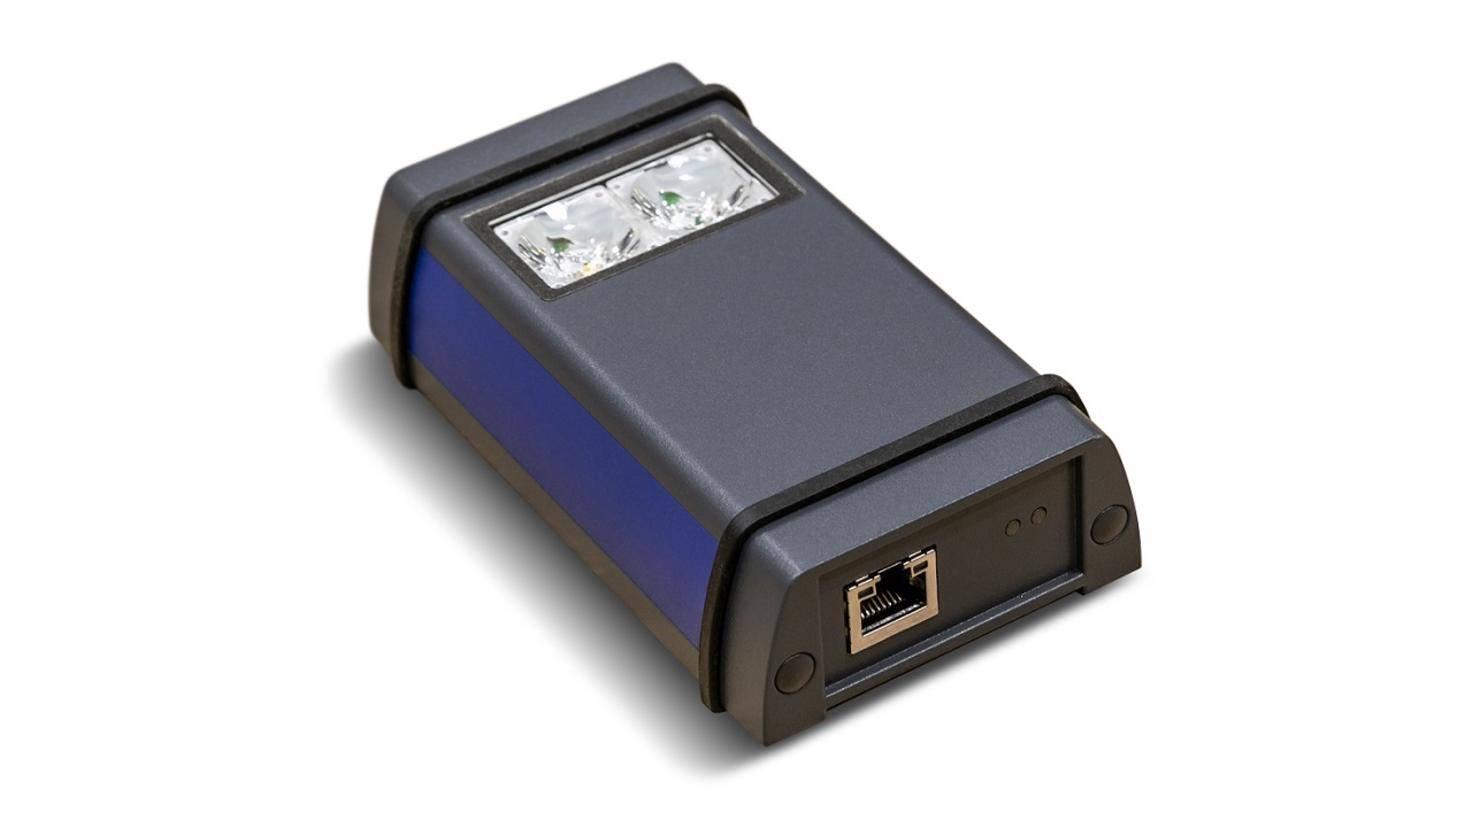 Trulifi 6013 soll dem Hersteller zufolge bis zu 250 Megabit pro Sekunde übertragen.